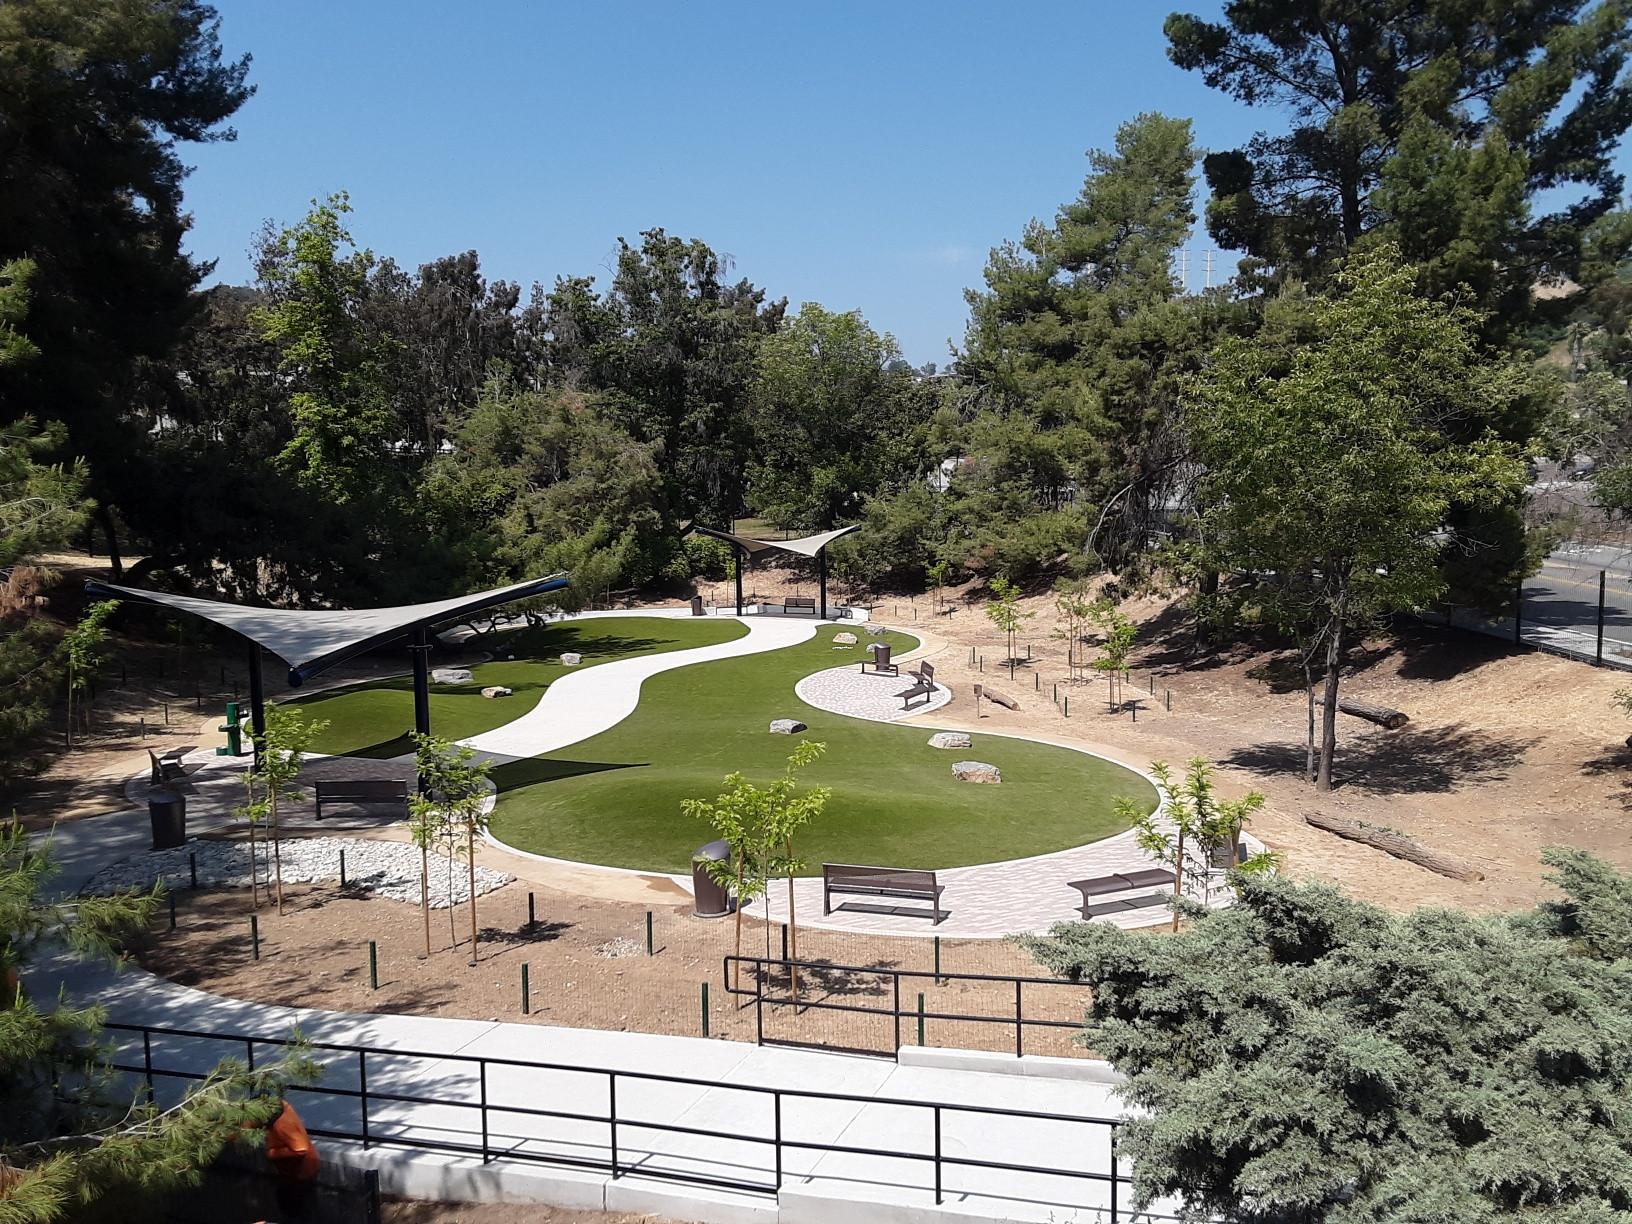 Eagle Rock Dog Park